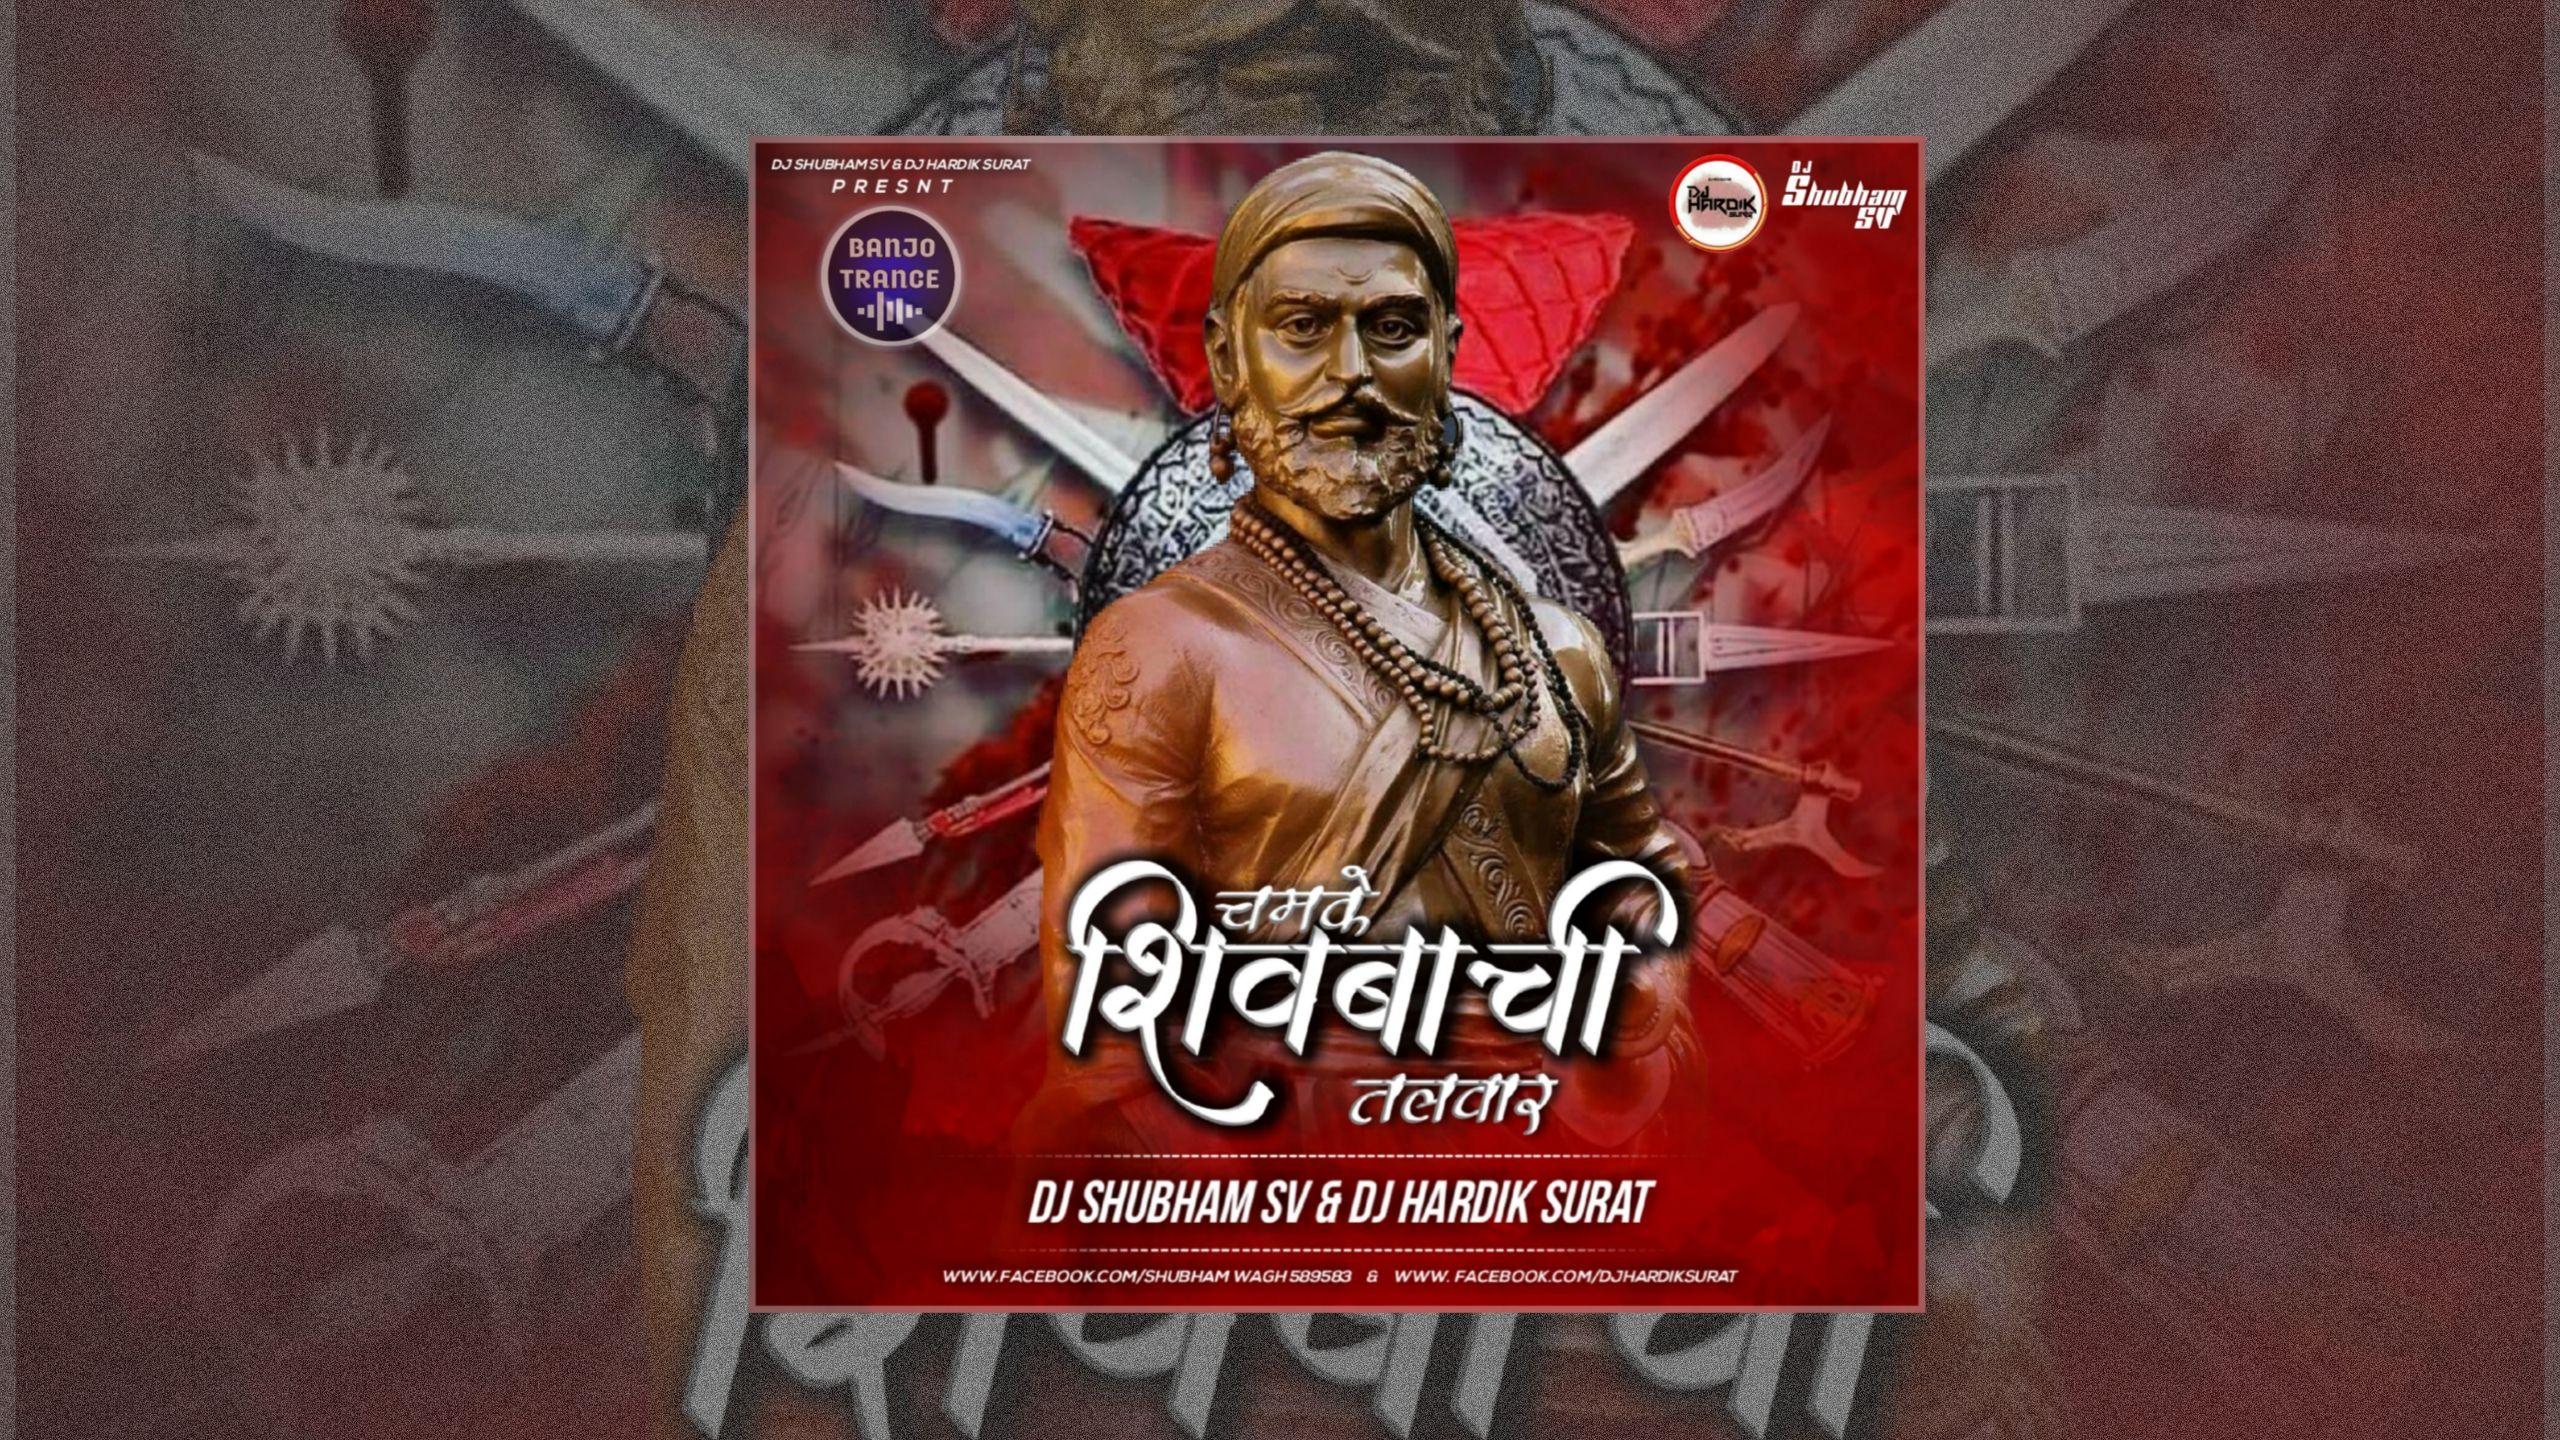 Shivabachi Talvar Dj Shubham Sv Dj Hardik Dj Hardik Surat Dj Shivaji Maharaj Song Free Download Shivaji Maharaj Song Dj Shivaji Maharaj Dj Social Sites Songs